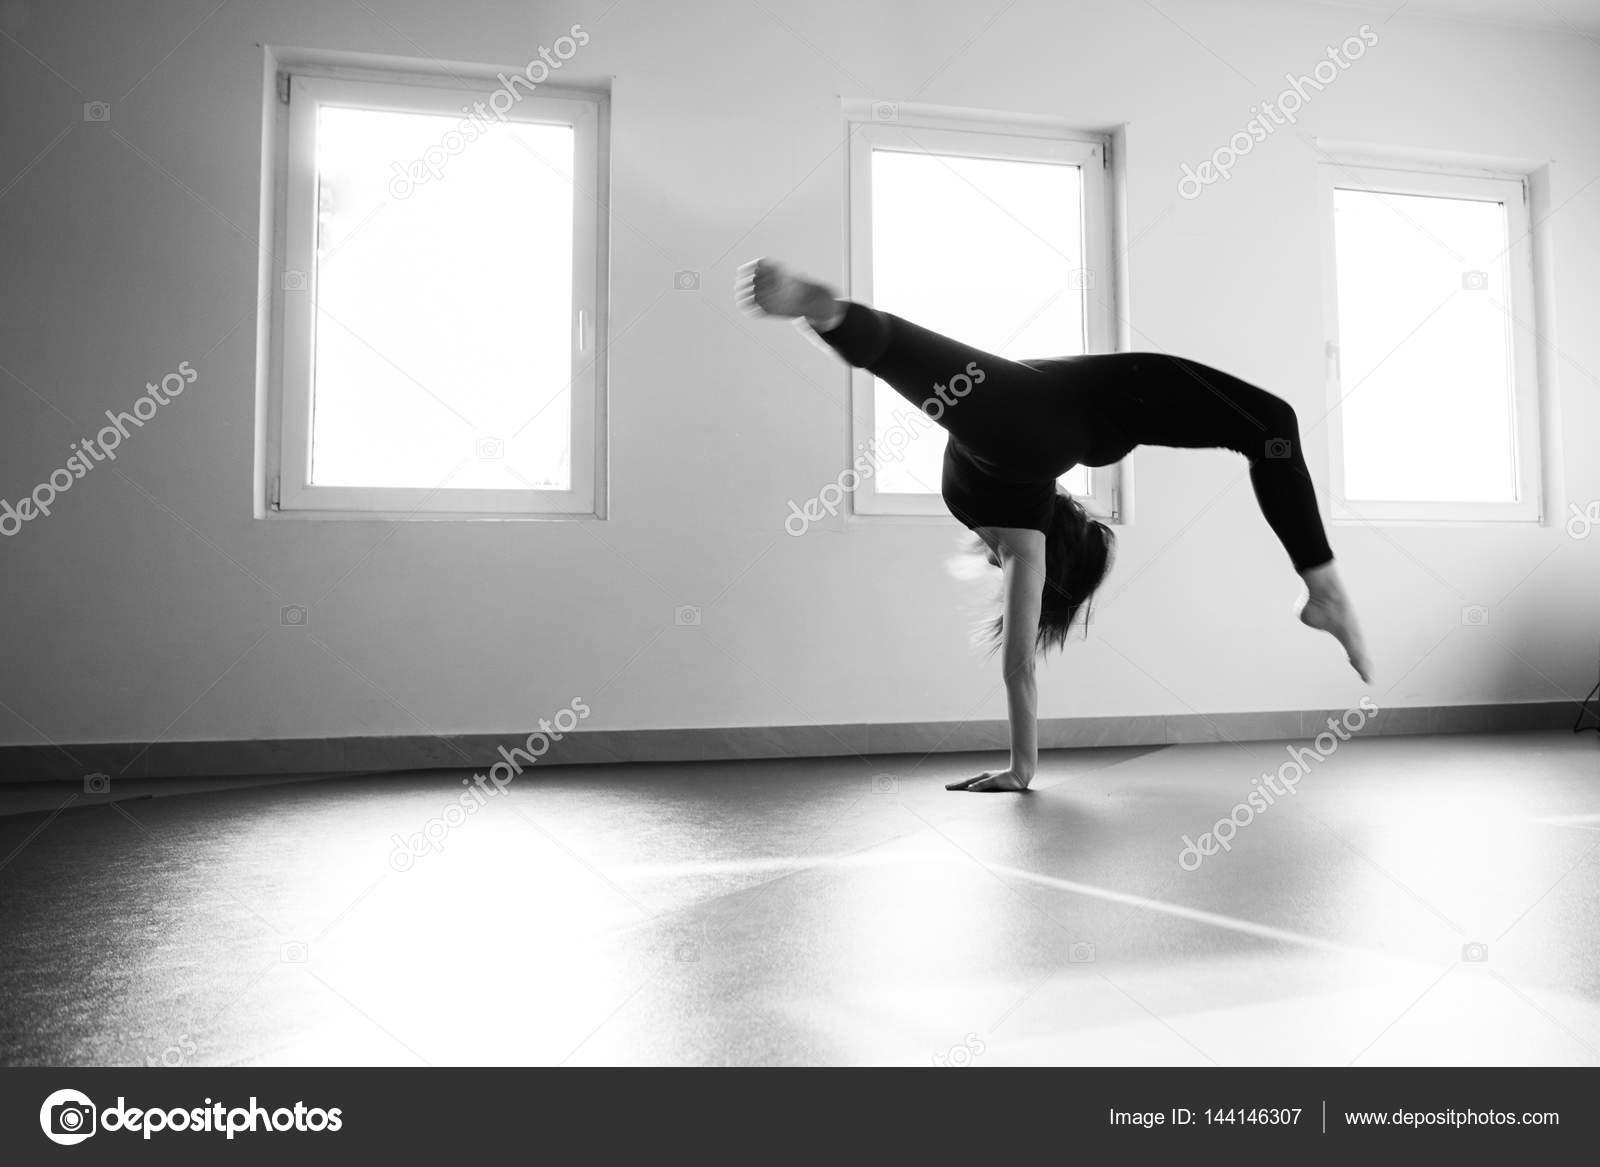 Woman Dancer Practice Floor Jump On Ballet Class Stock Photo